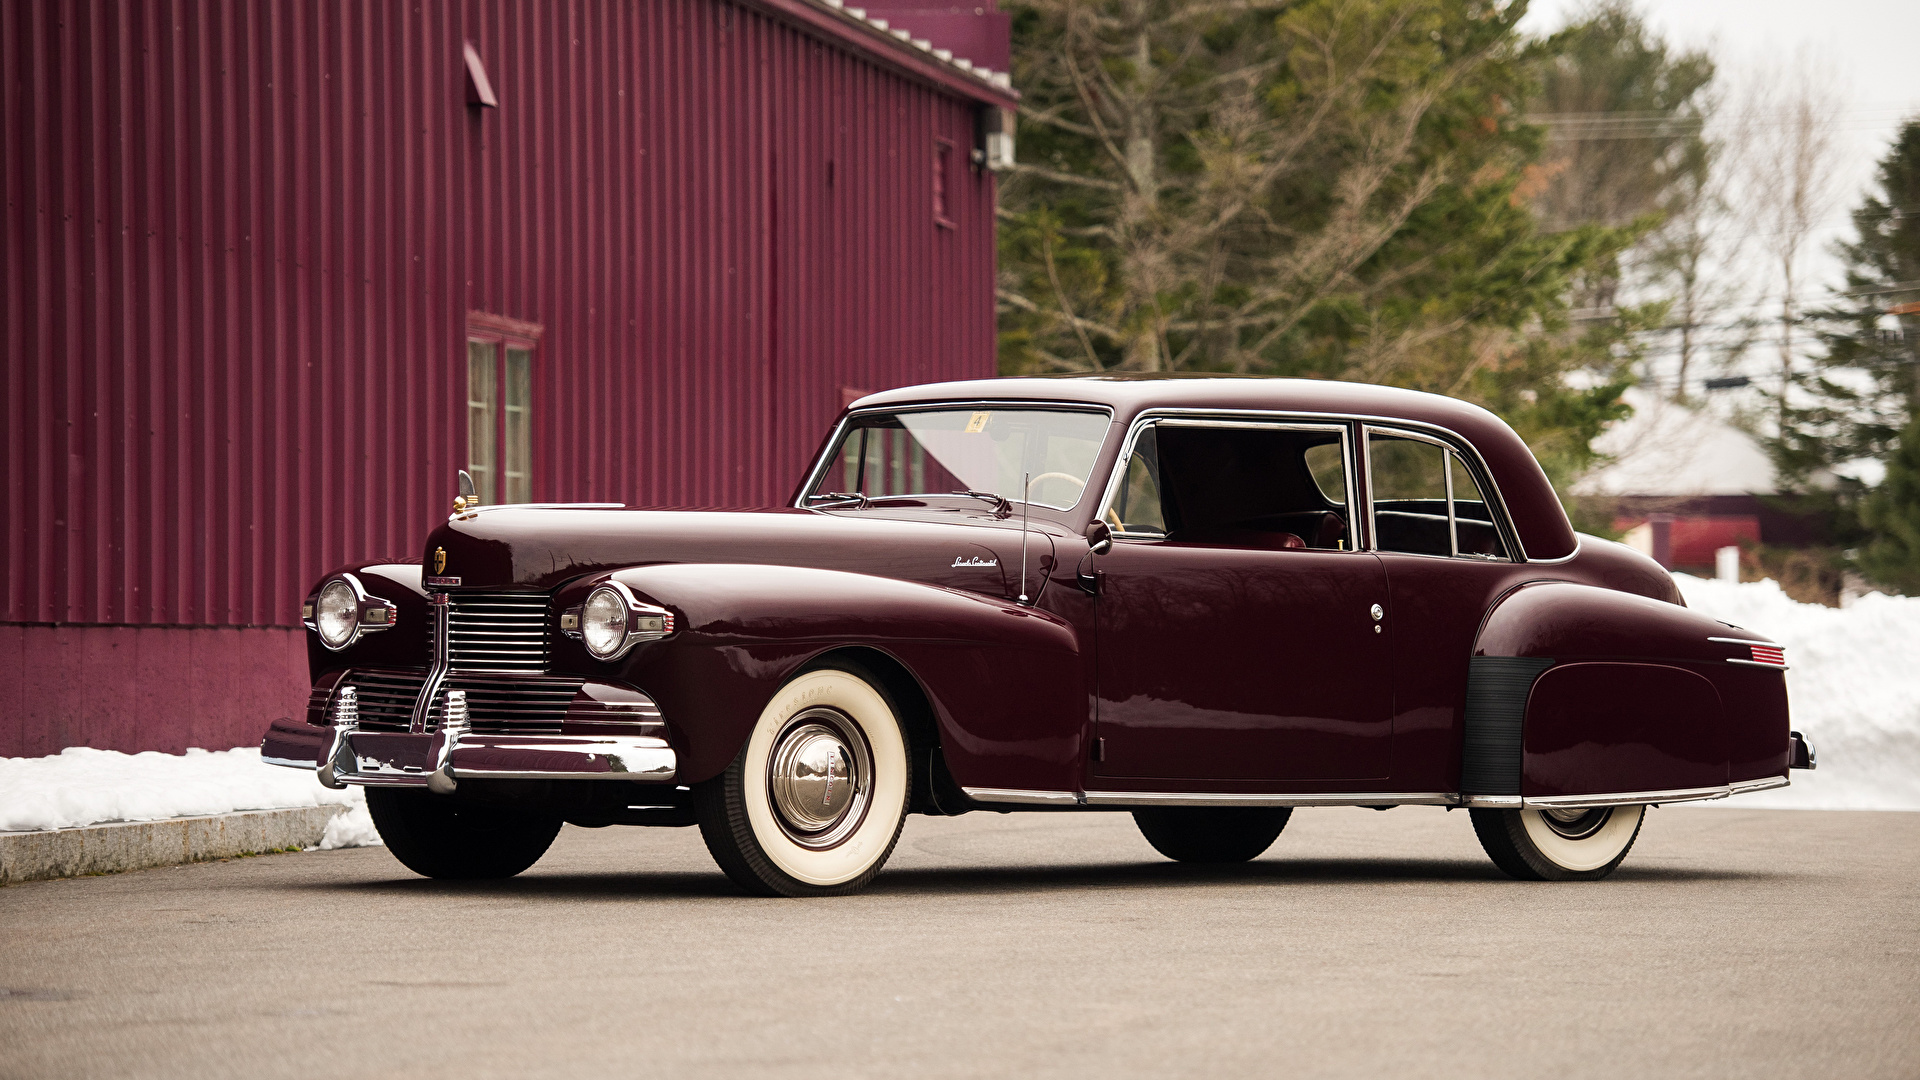 Картинка Lincoln 1942 Continental Coupe бордовая старинные авто Металлик 1920x1080 Ретро Винтаж бордовые Бордовый темно красный машина машины автомобиль Автомобили